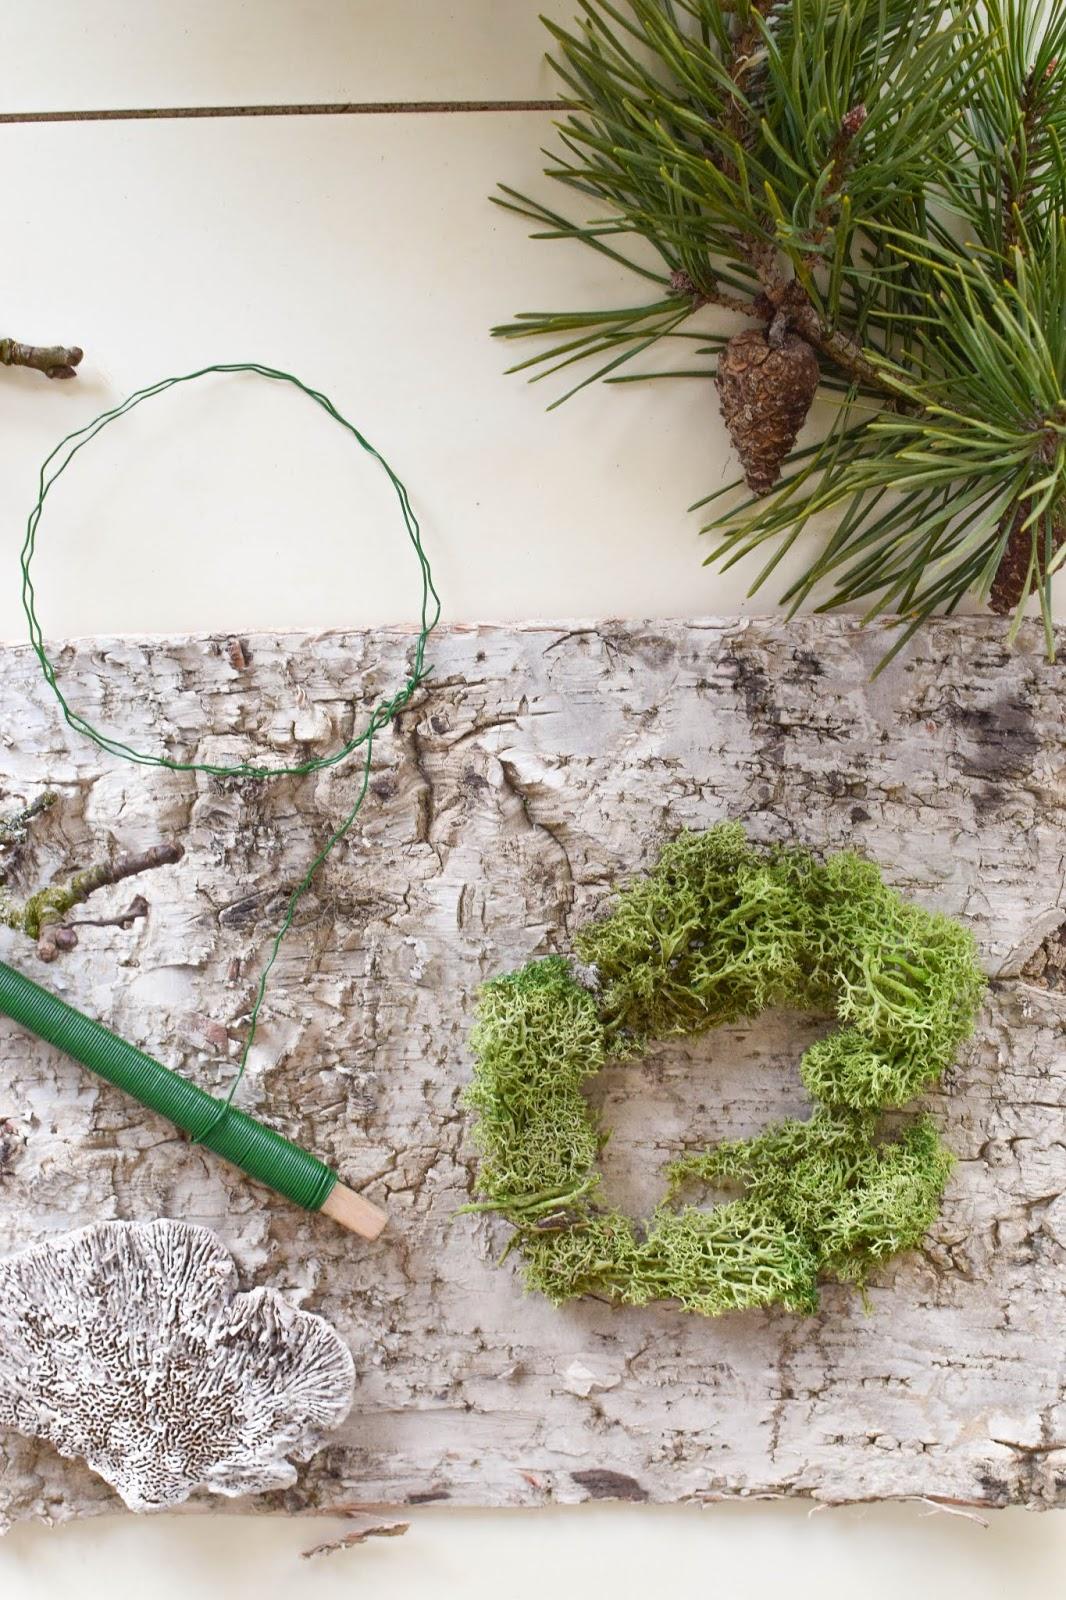 Anleitung Kranz binden aus Moos für den Herbst und Winter. DIY Dekoration basteln einfach selbermachen: Naturmaterialien basteln 9